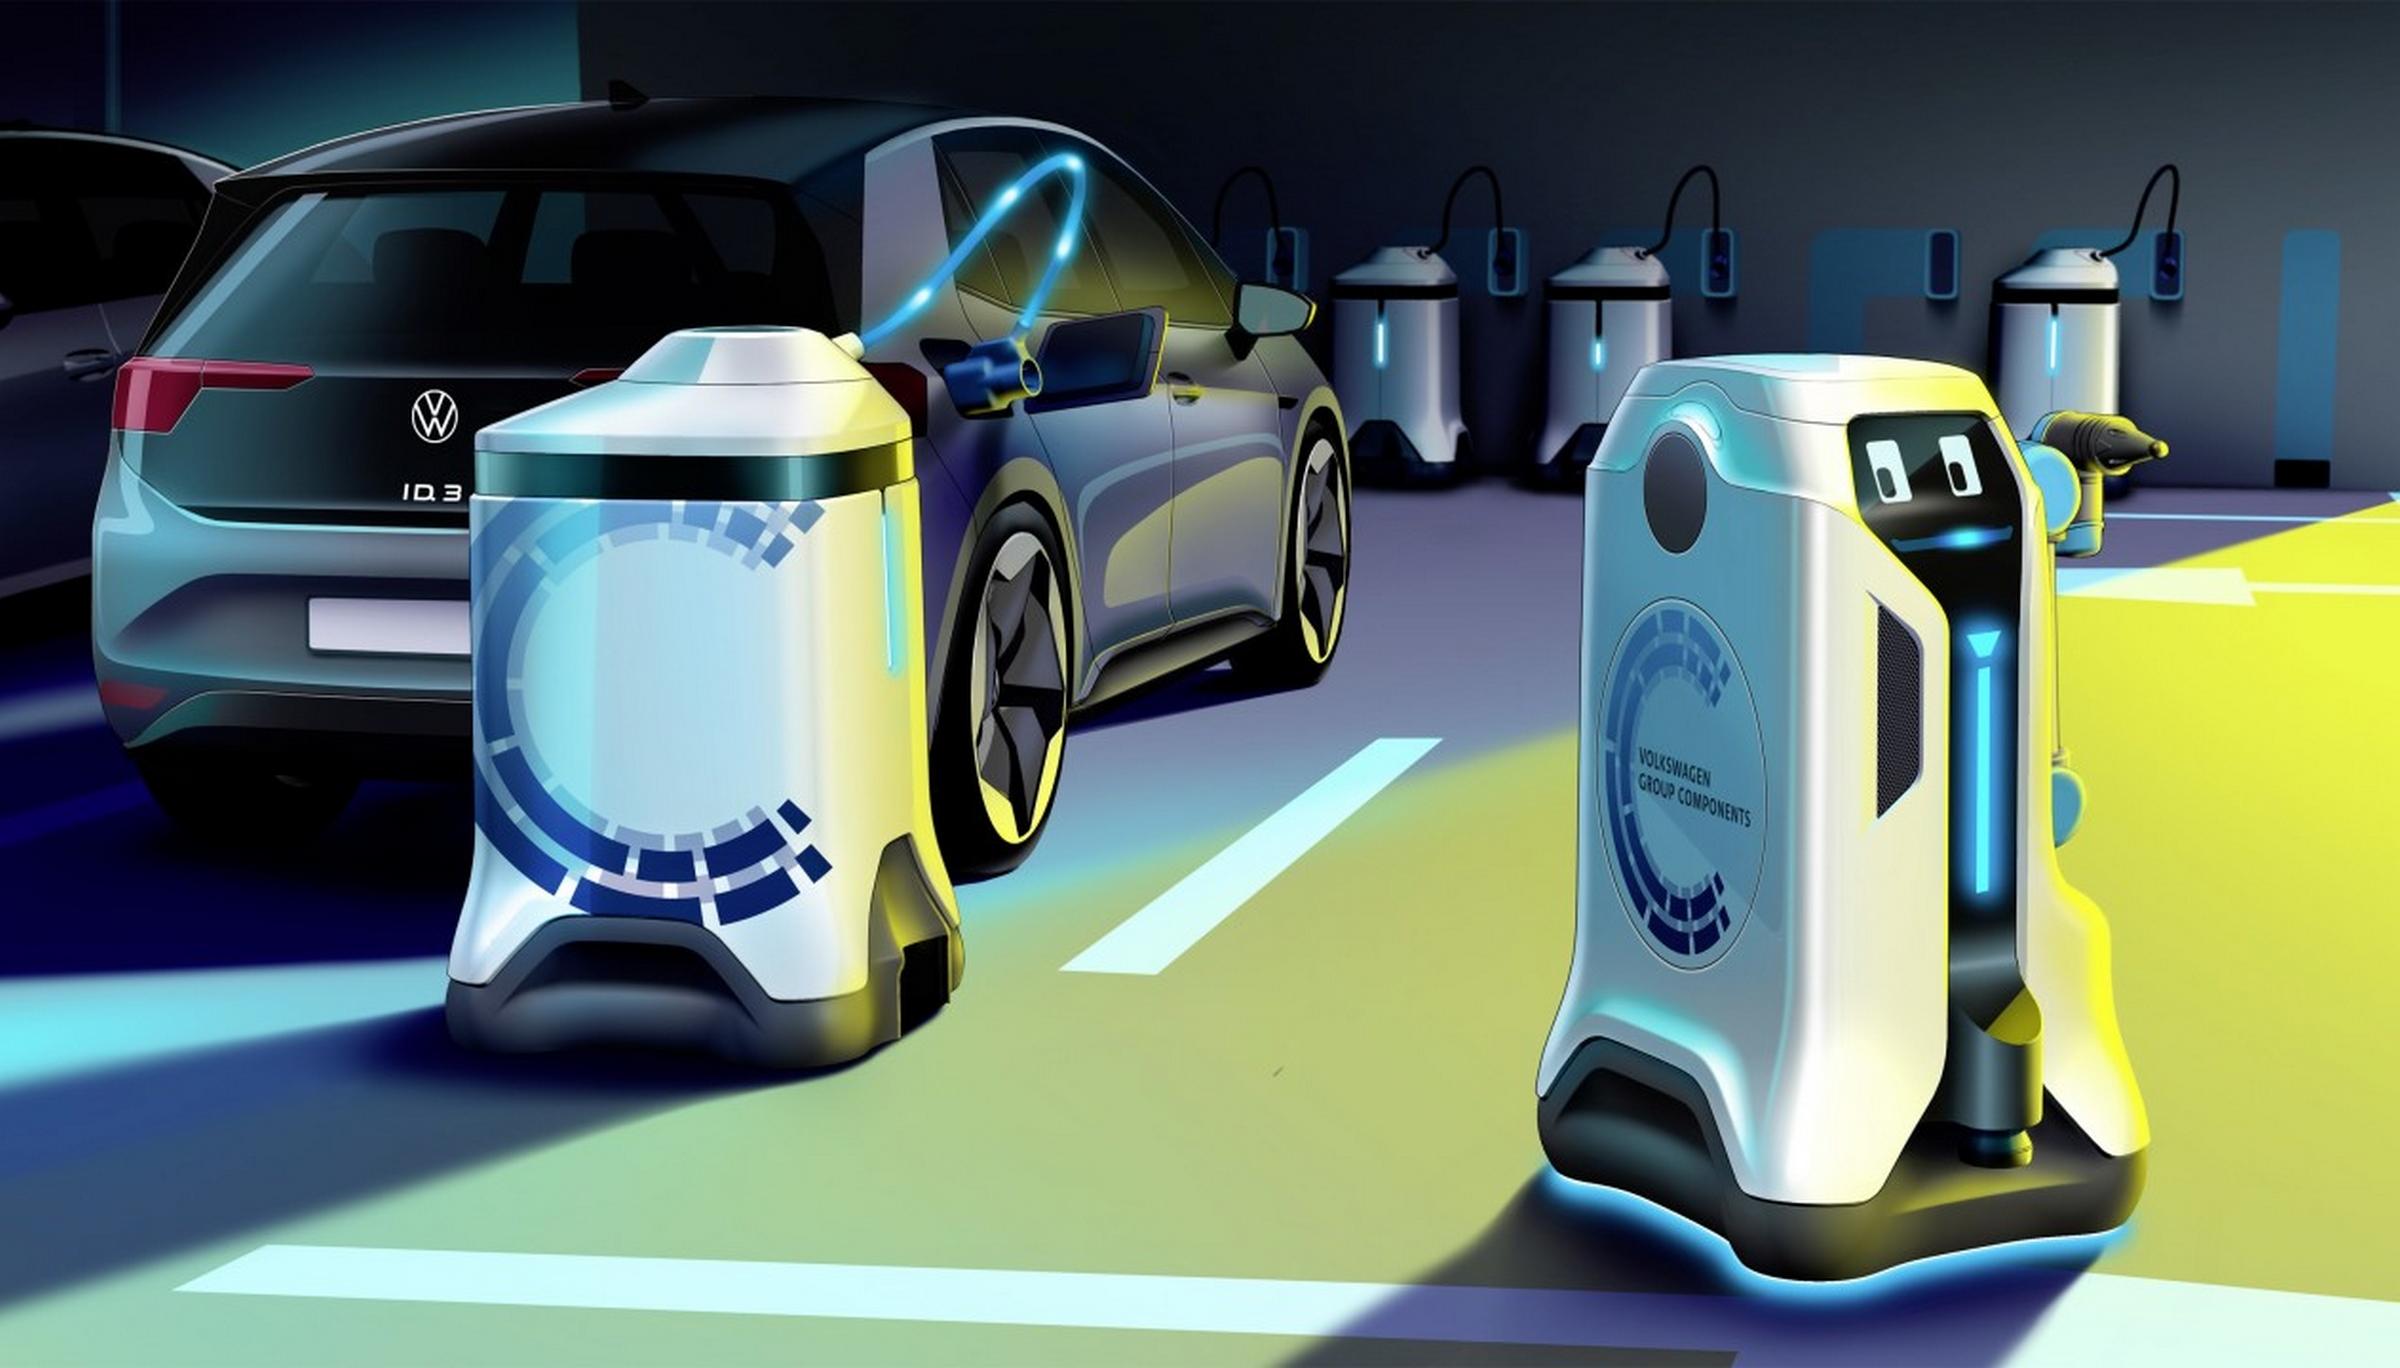 El simpático robot autónomo de Volkswagen que recarga automáticamente los  coches aparcados   Motor - ComputerHoy.com